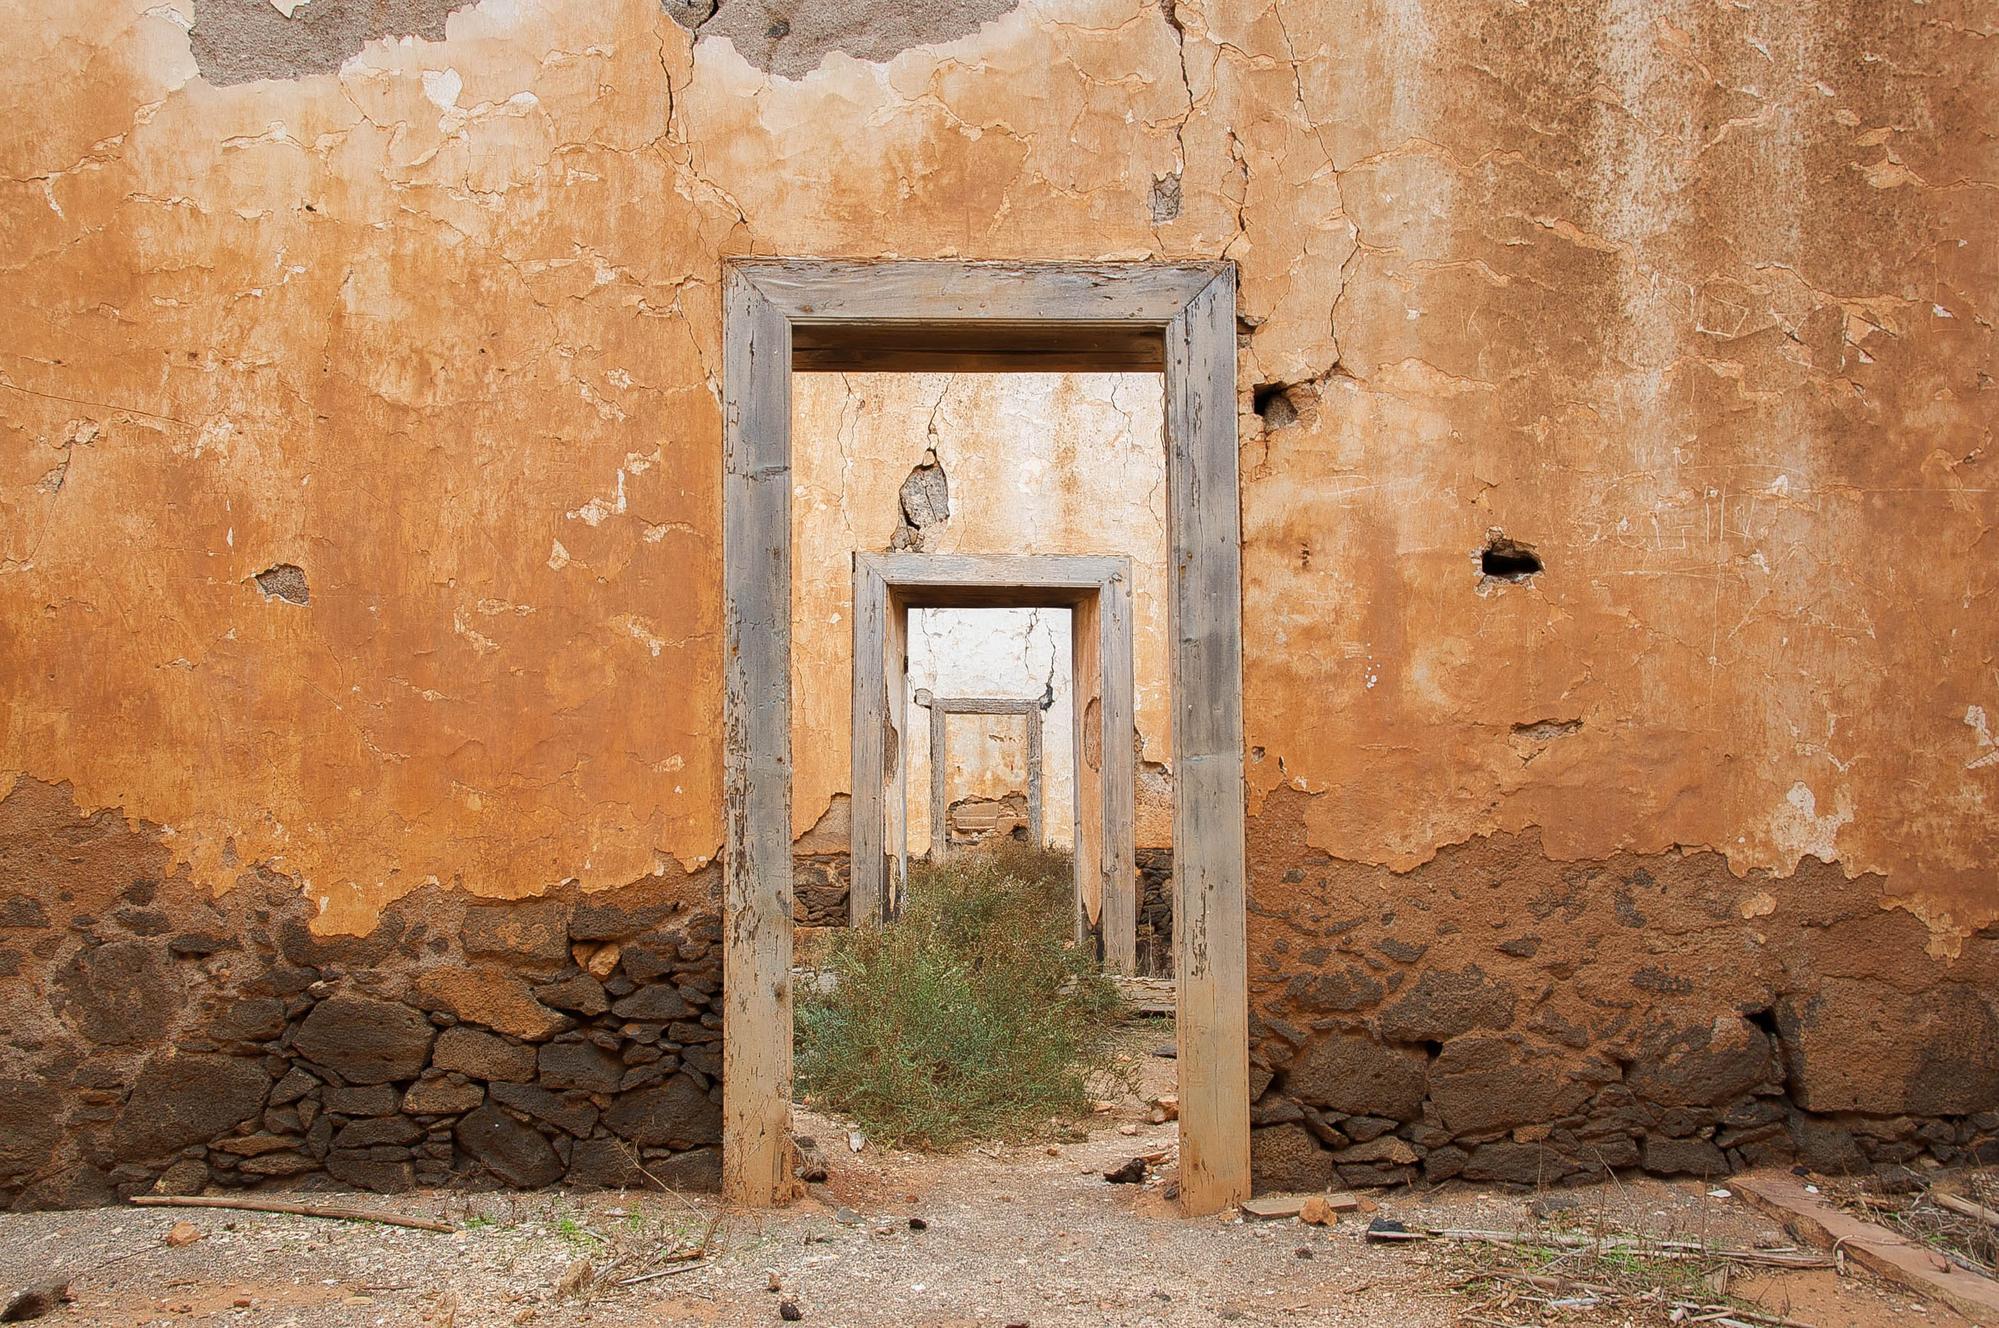 Campo militare abbandonato a La Oliva, Fuerteventura, 2011 di Cristhian Raimondi